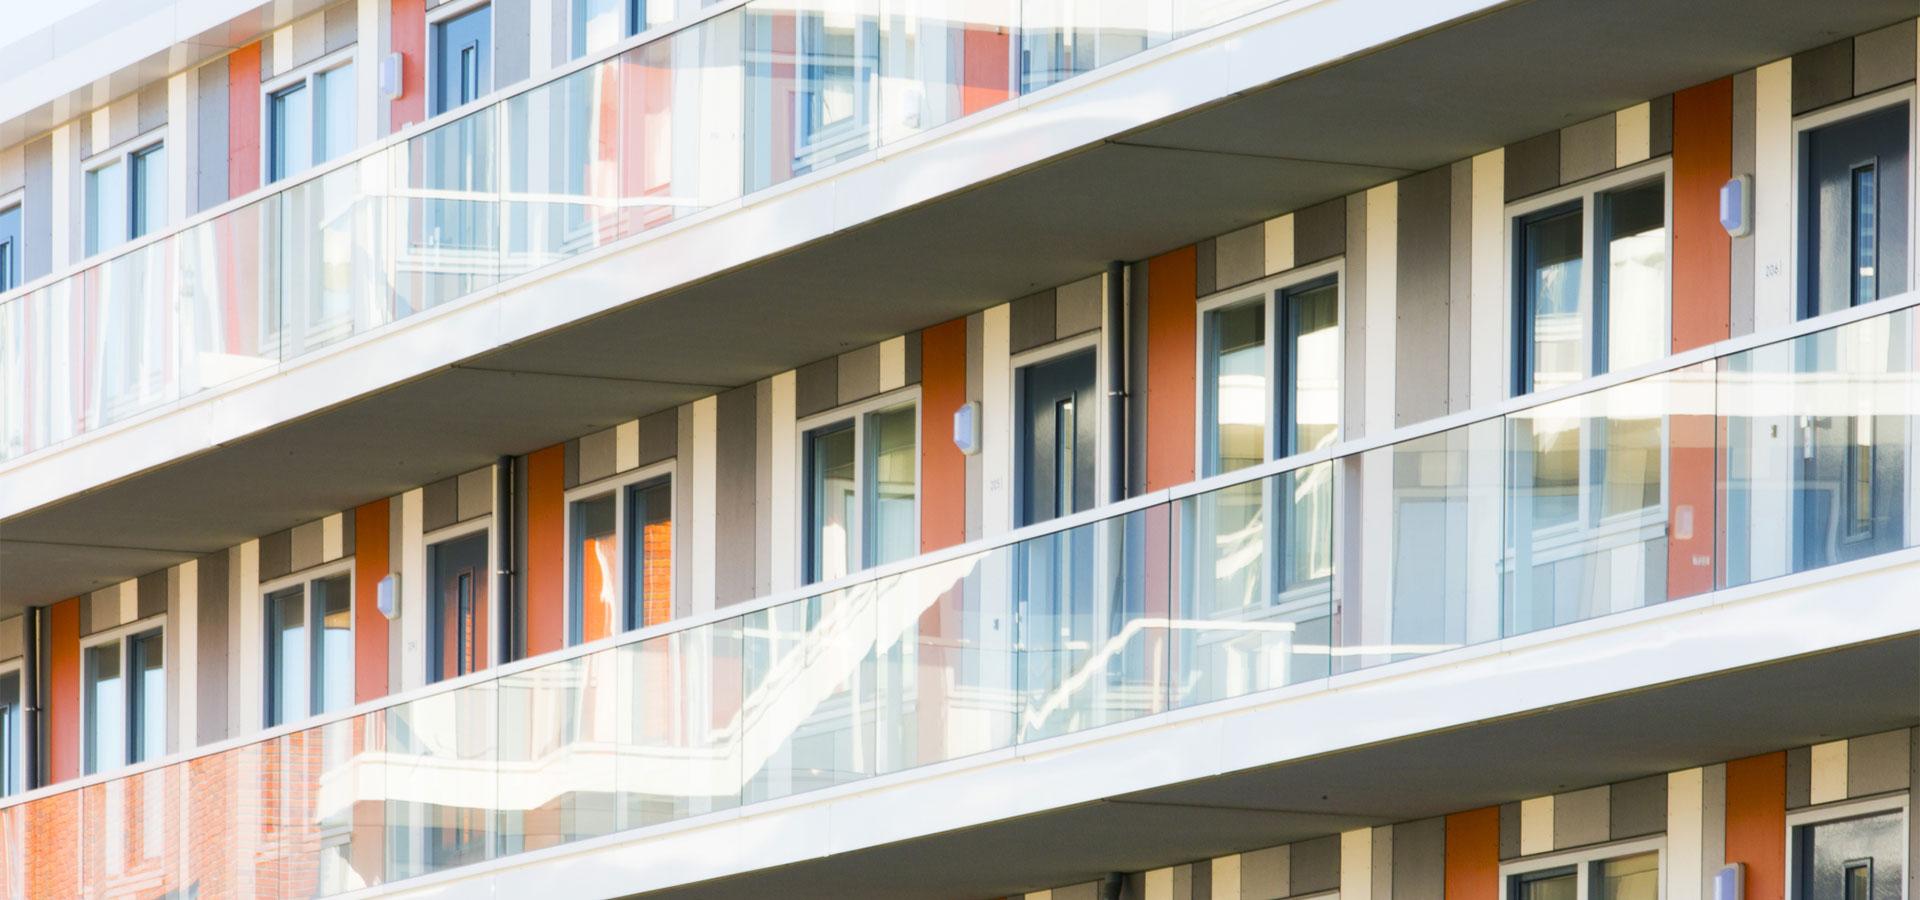 FARO architecten Hooghkamer Voorhout 03